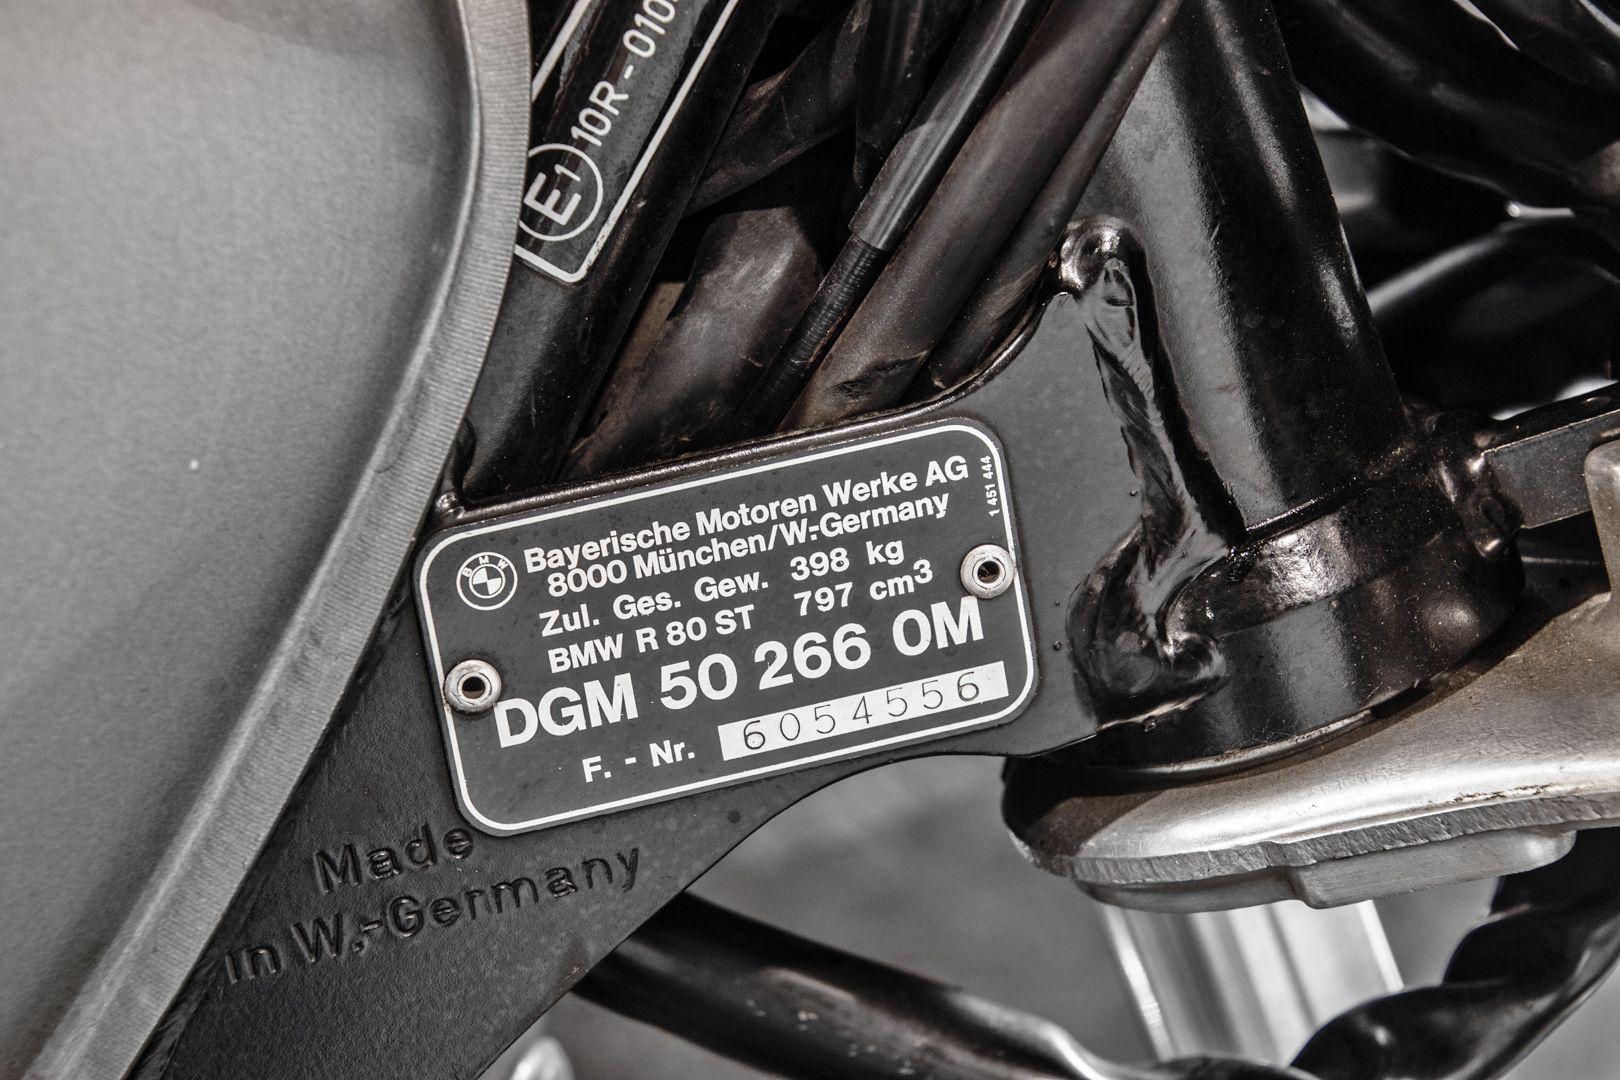 1983 Bmw R80 ST 41330